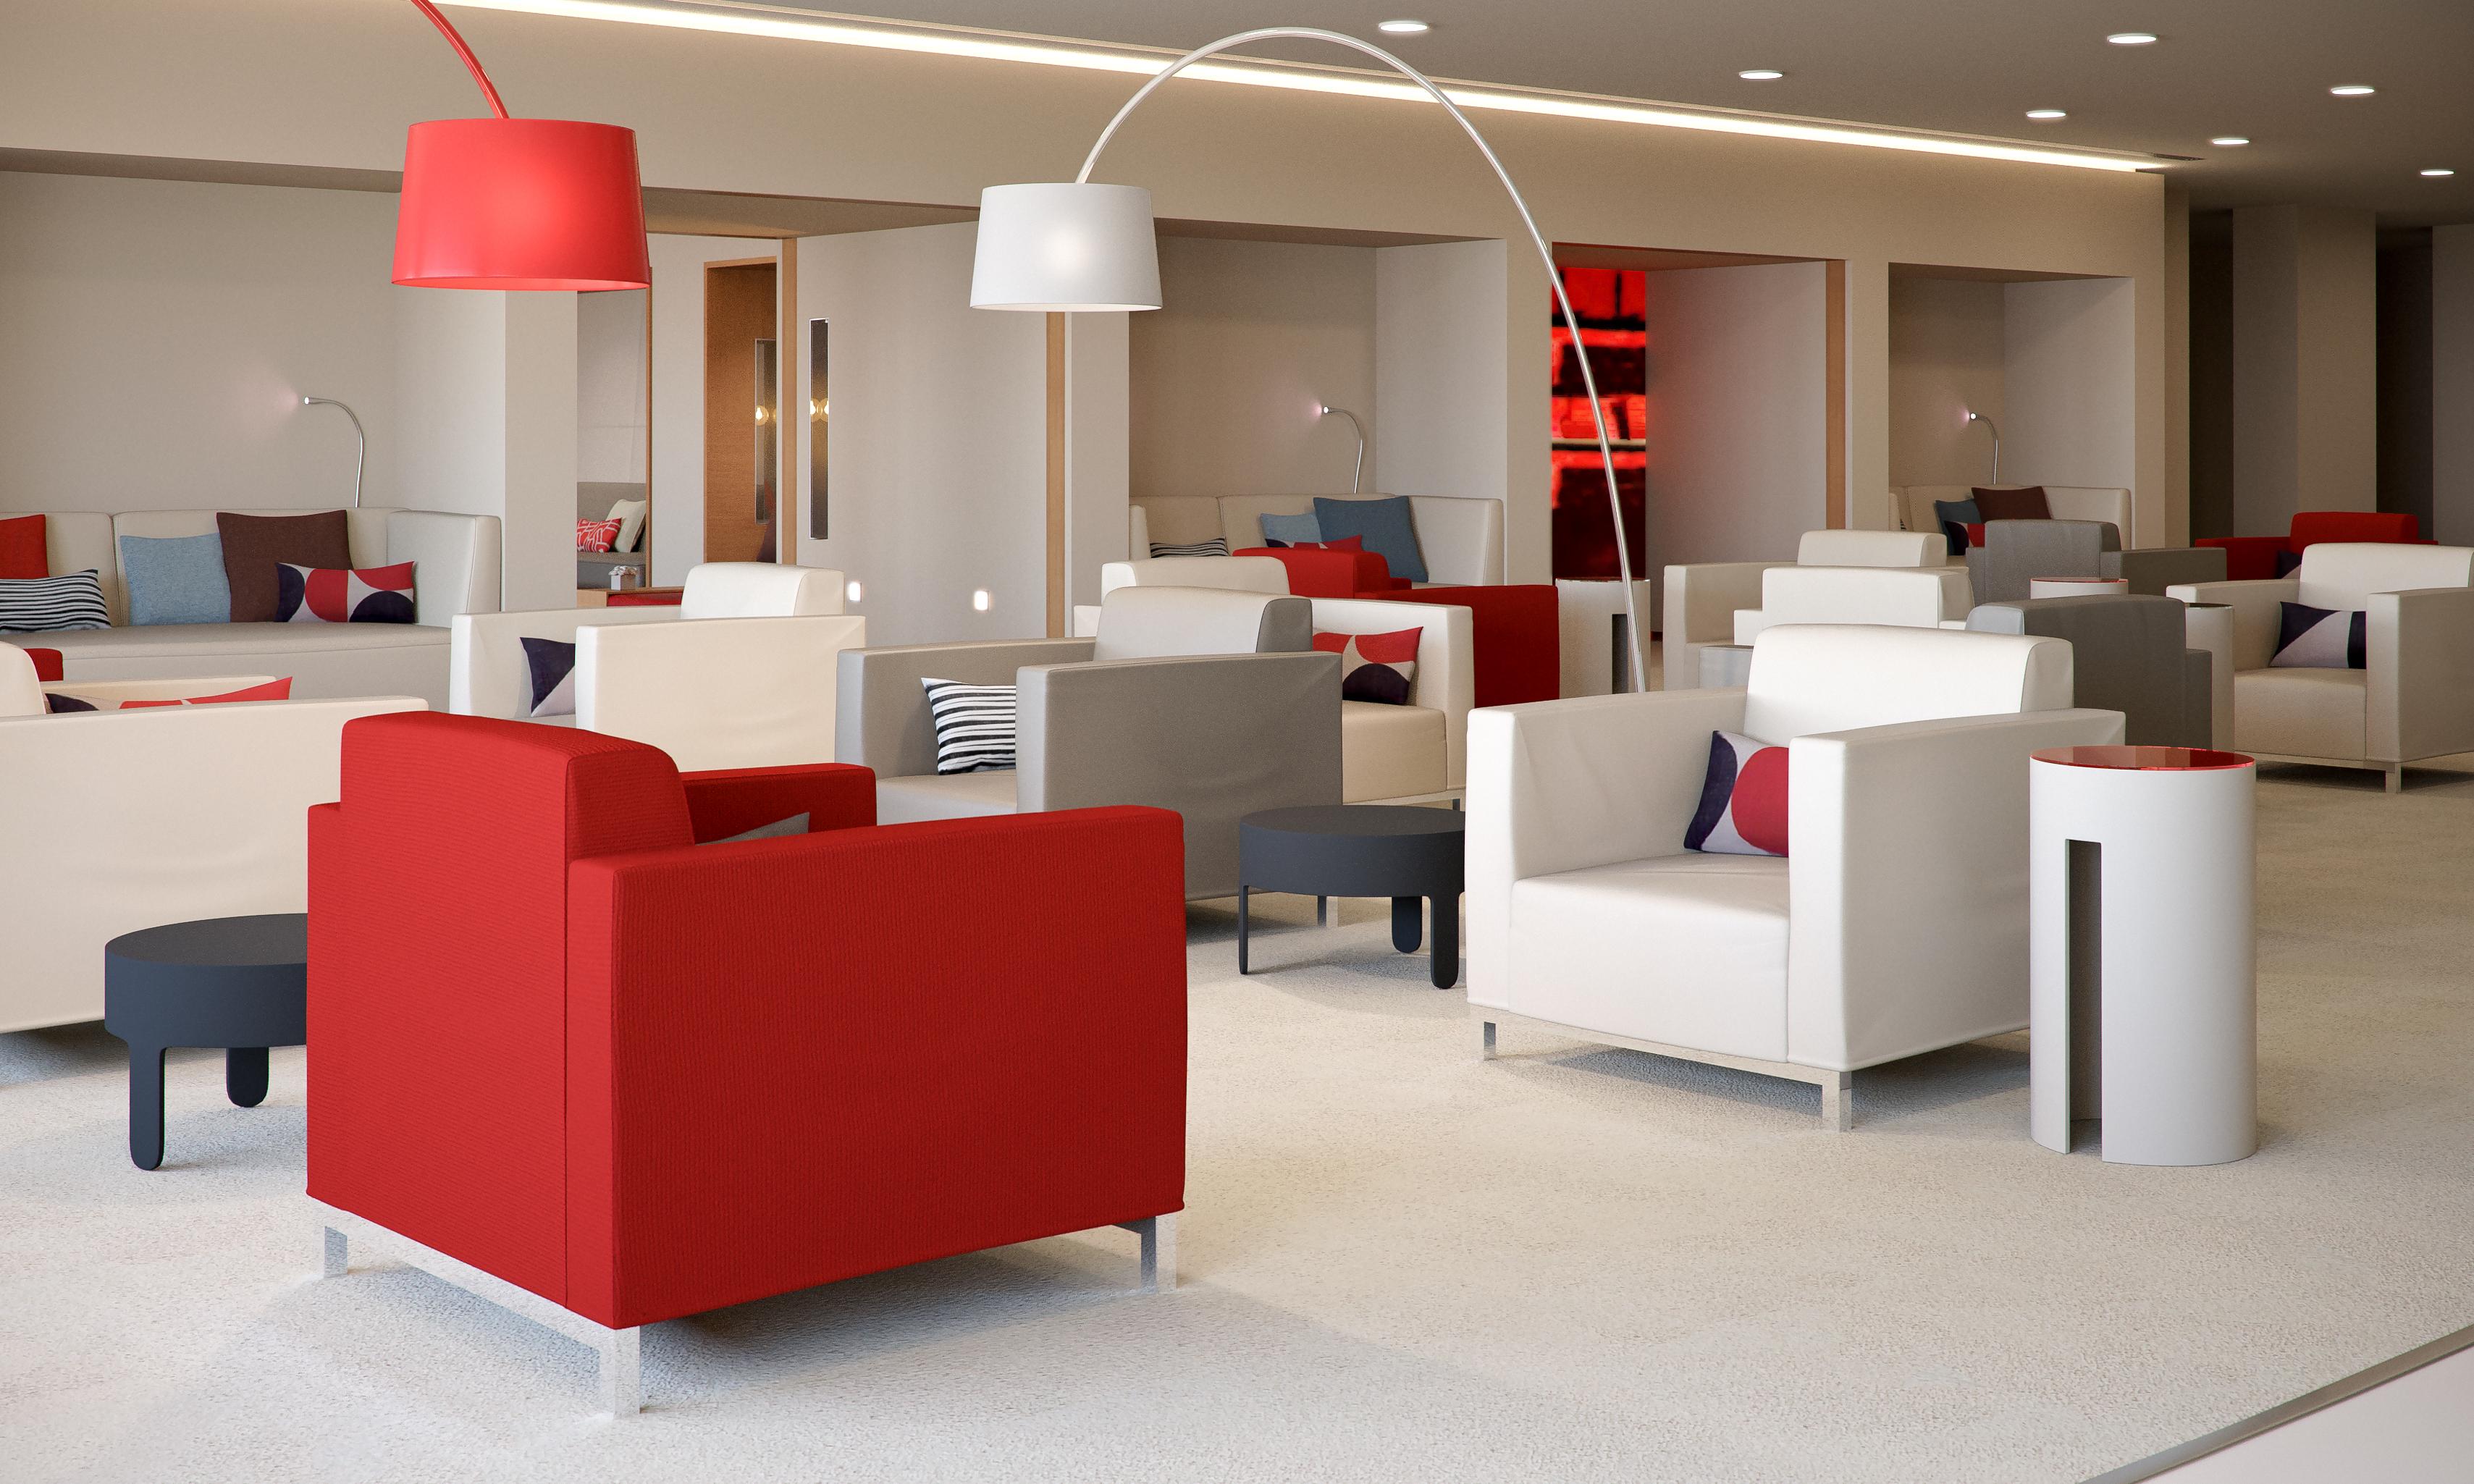 air france le salon la premi re sacr par skytrax. Black Bedroom Furniture Sets. Home Design Ideas